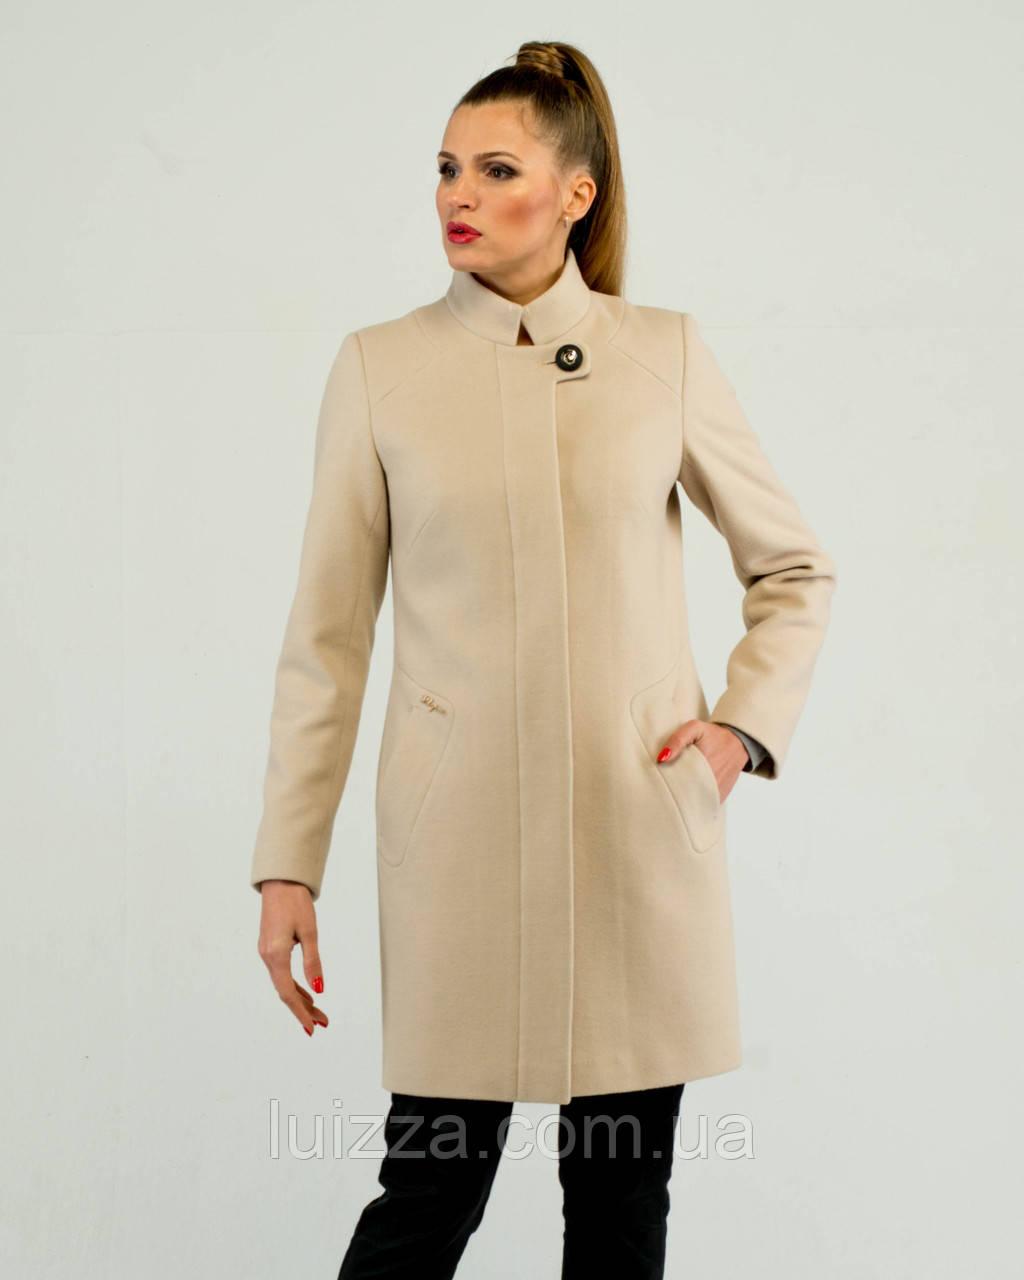 Пальто женское демисезонное 42-48р